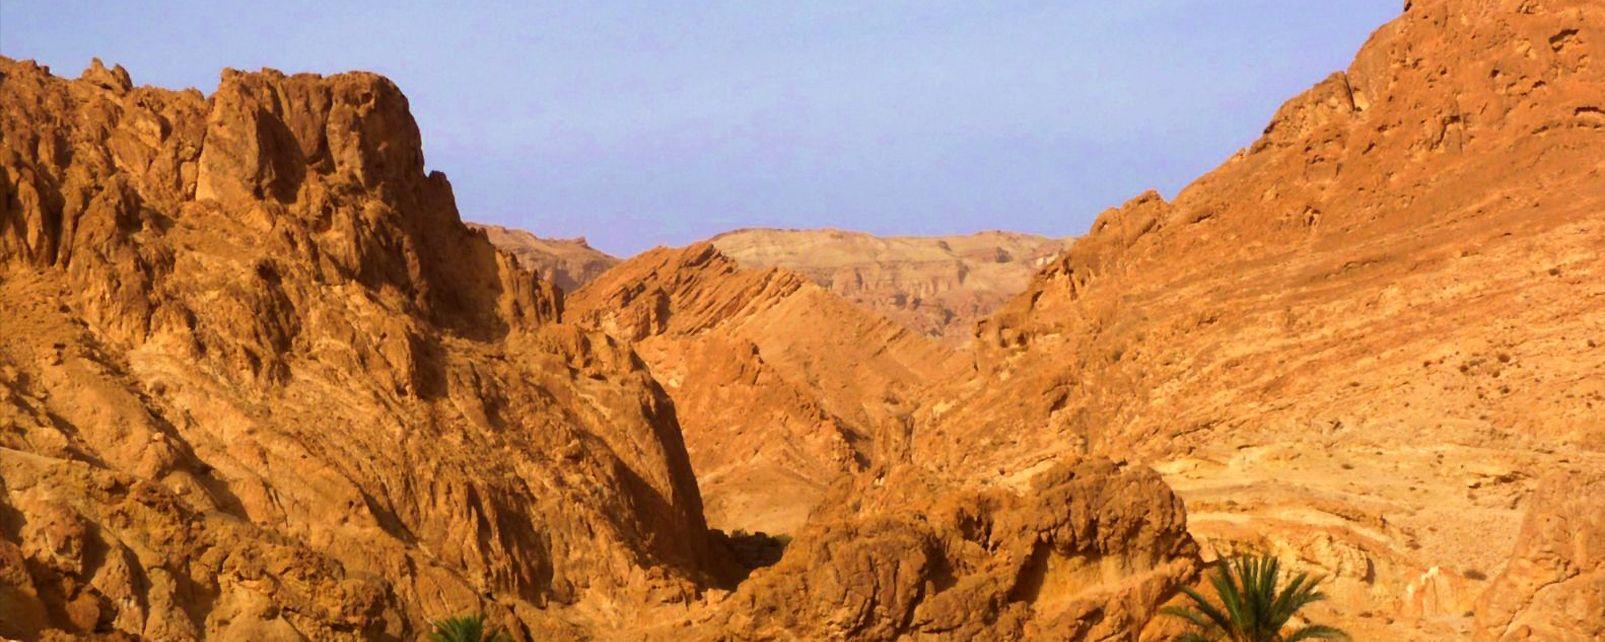 L'Atlas, Les paysages, Tunisie